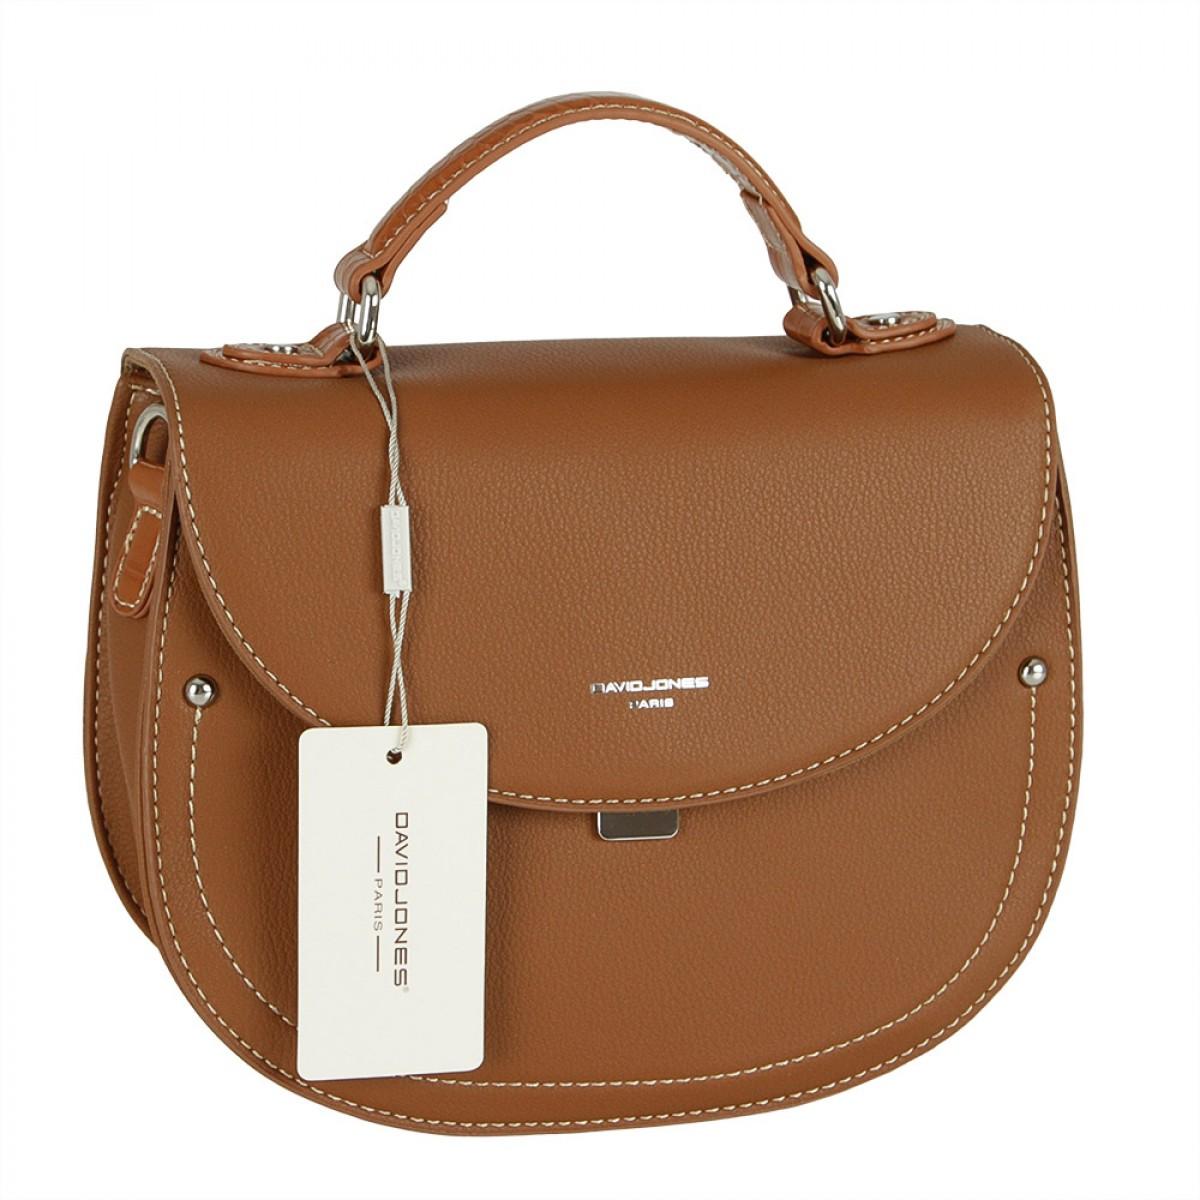 Жіноча сумка David Jones 6135-2 COGNAC